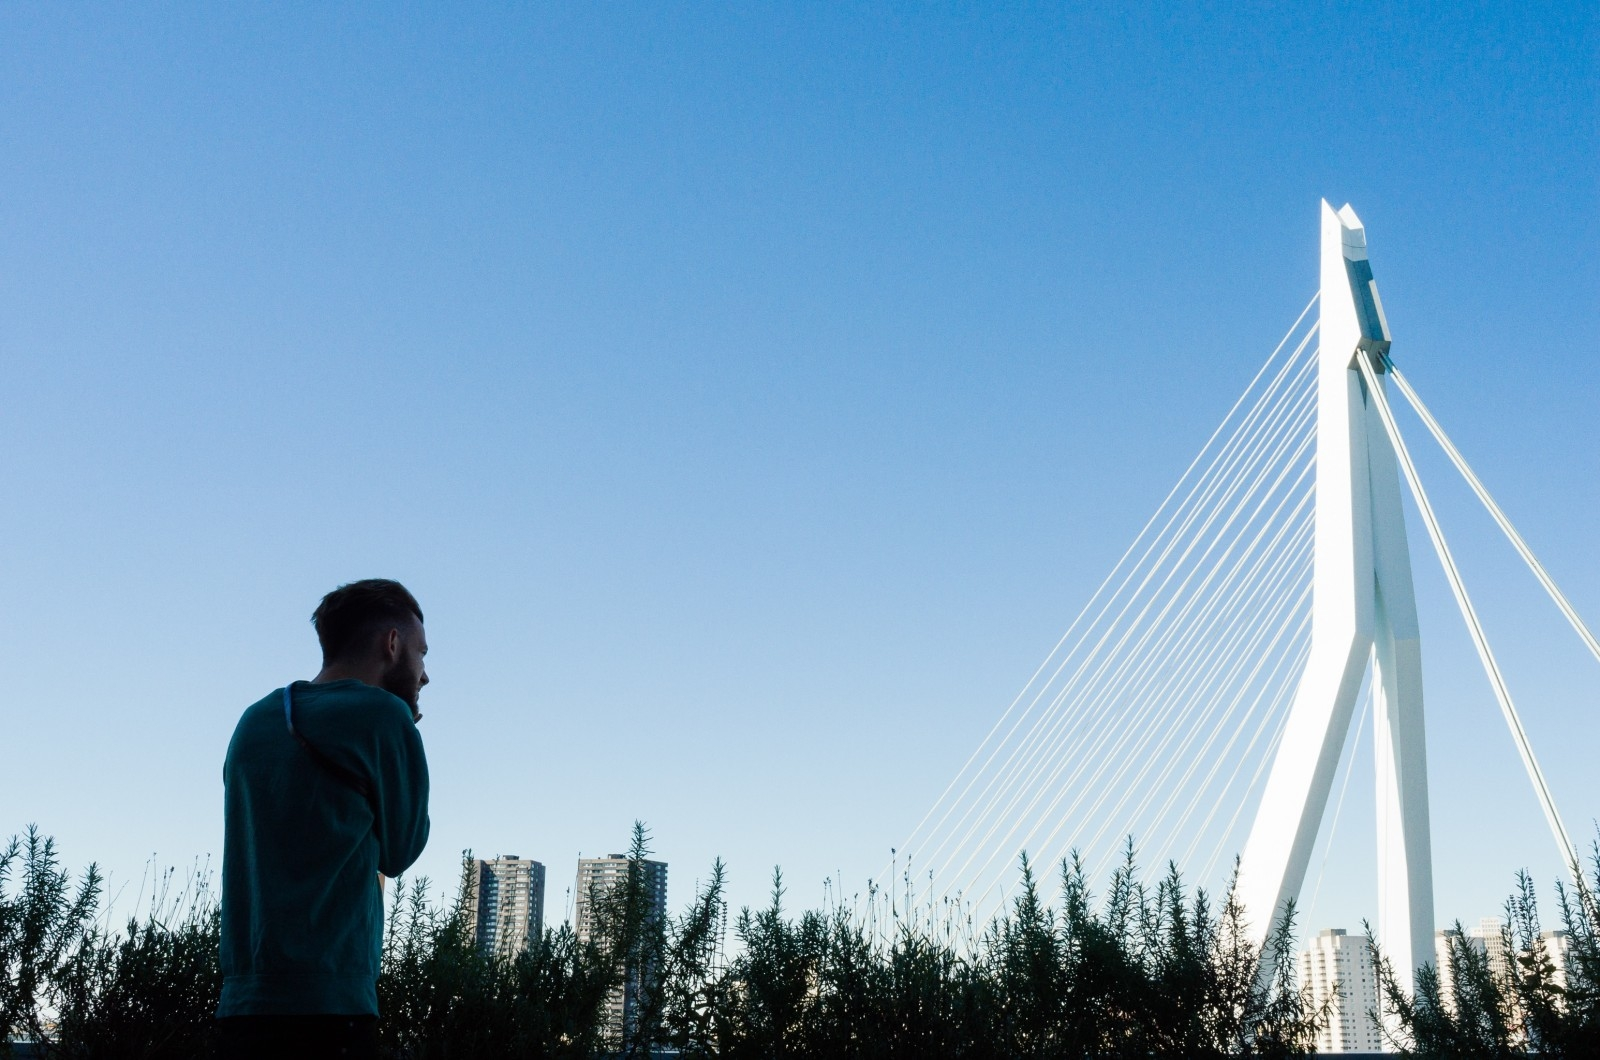 Leica_X-E_Article_Jip_van_Kuijk_51